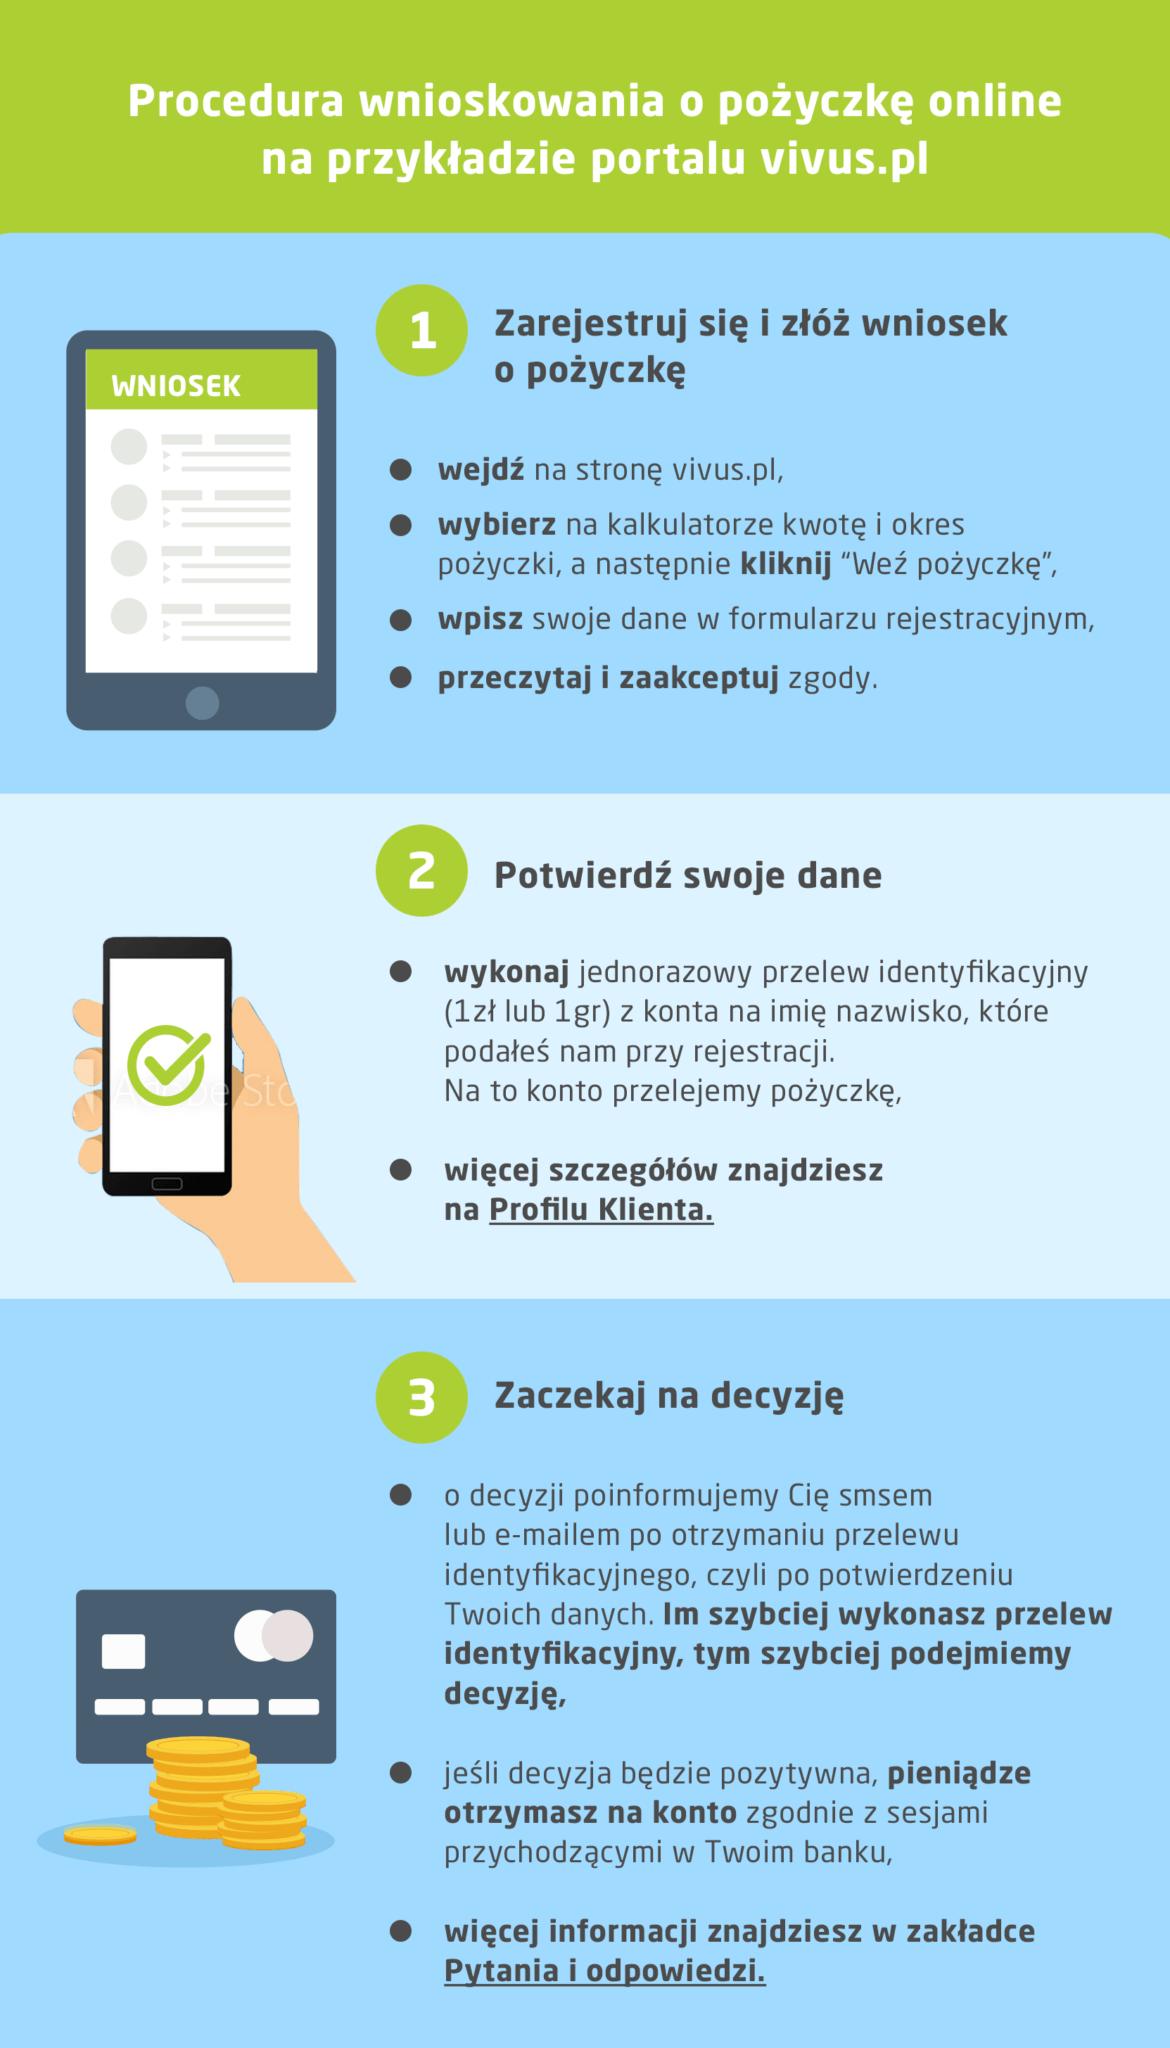 procedura wnioskowania o pożyczkę vivus.pl